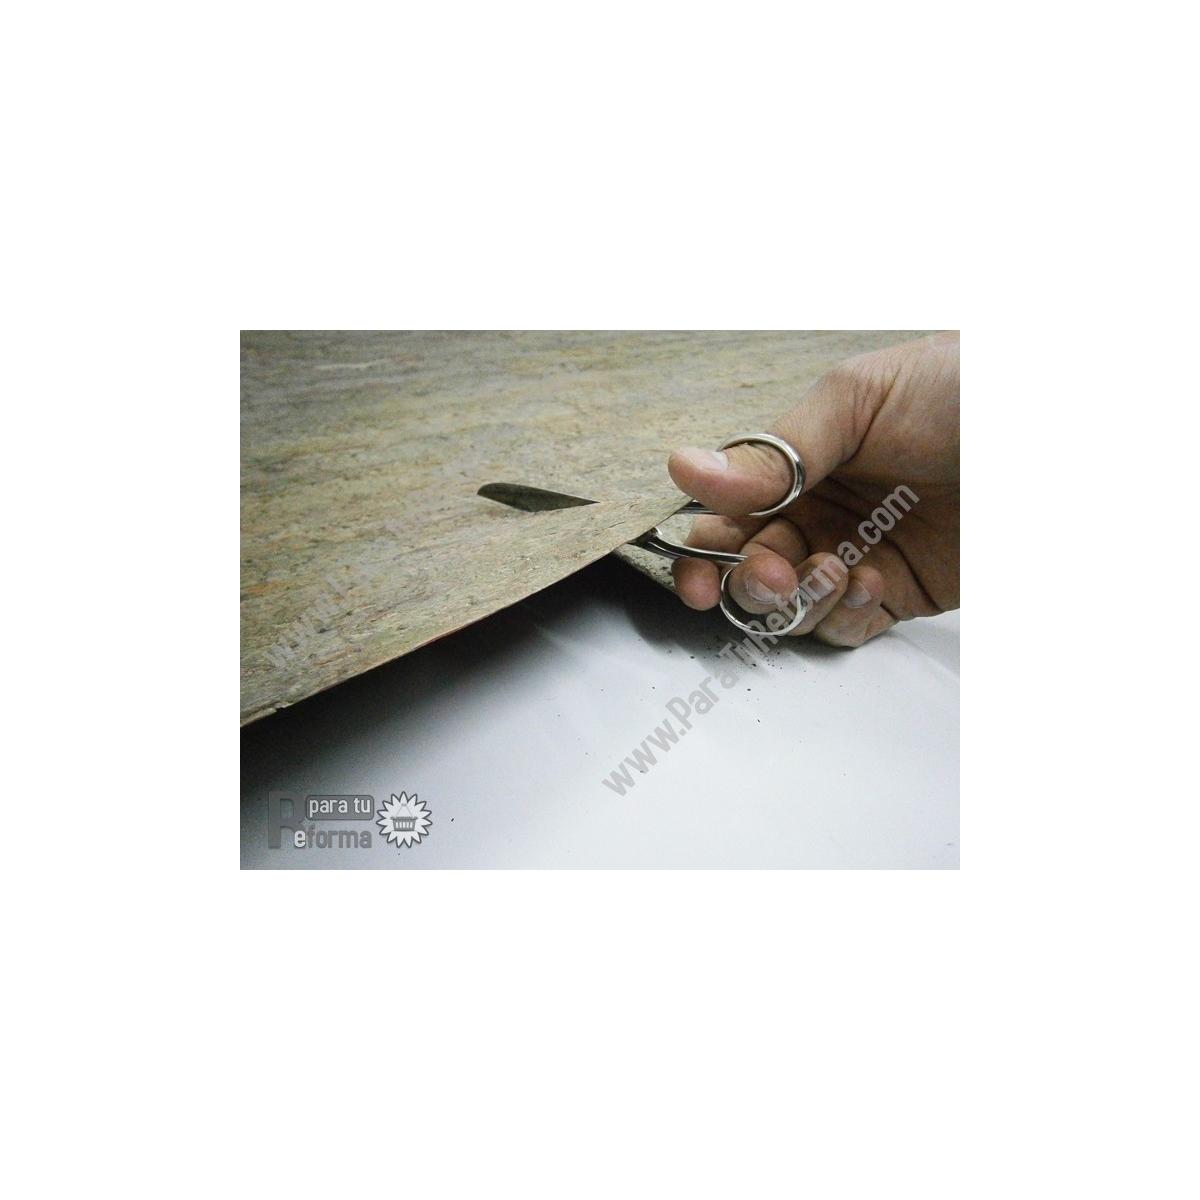 Pizarra natural flexible FS6004 / FT3004 (ud) Revestimiento con Pizarra natural flexible 0